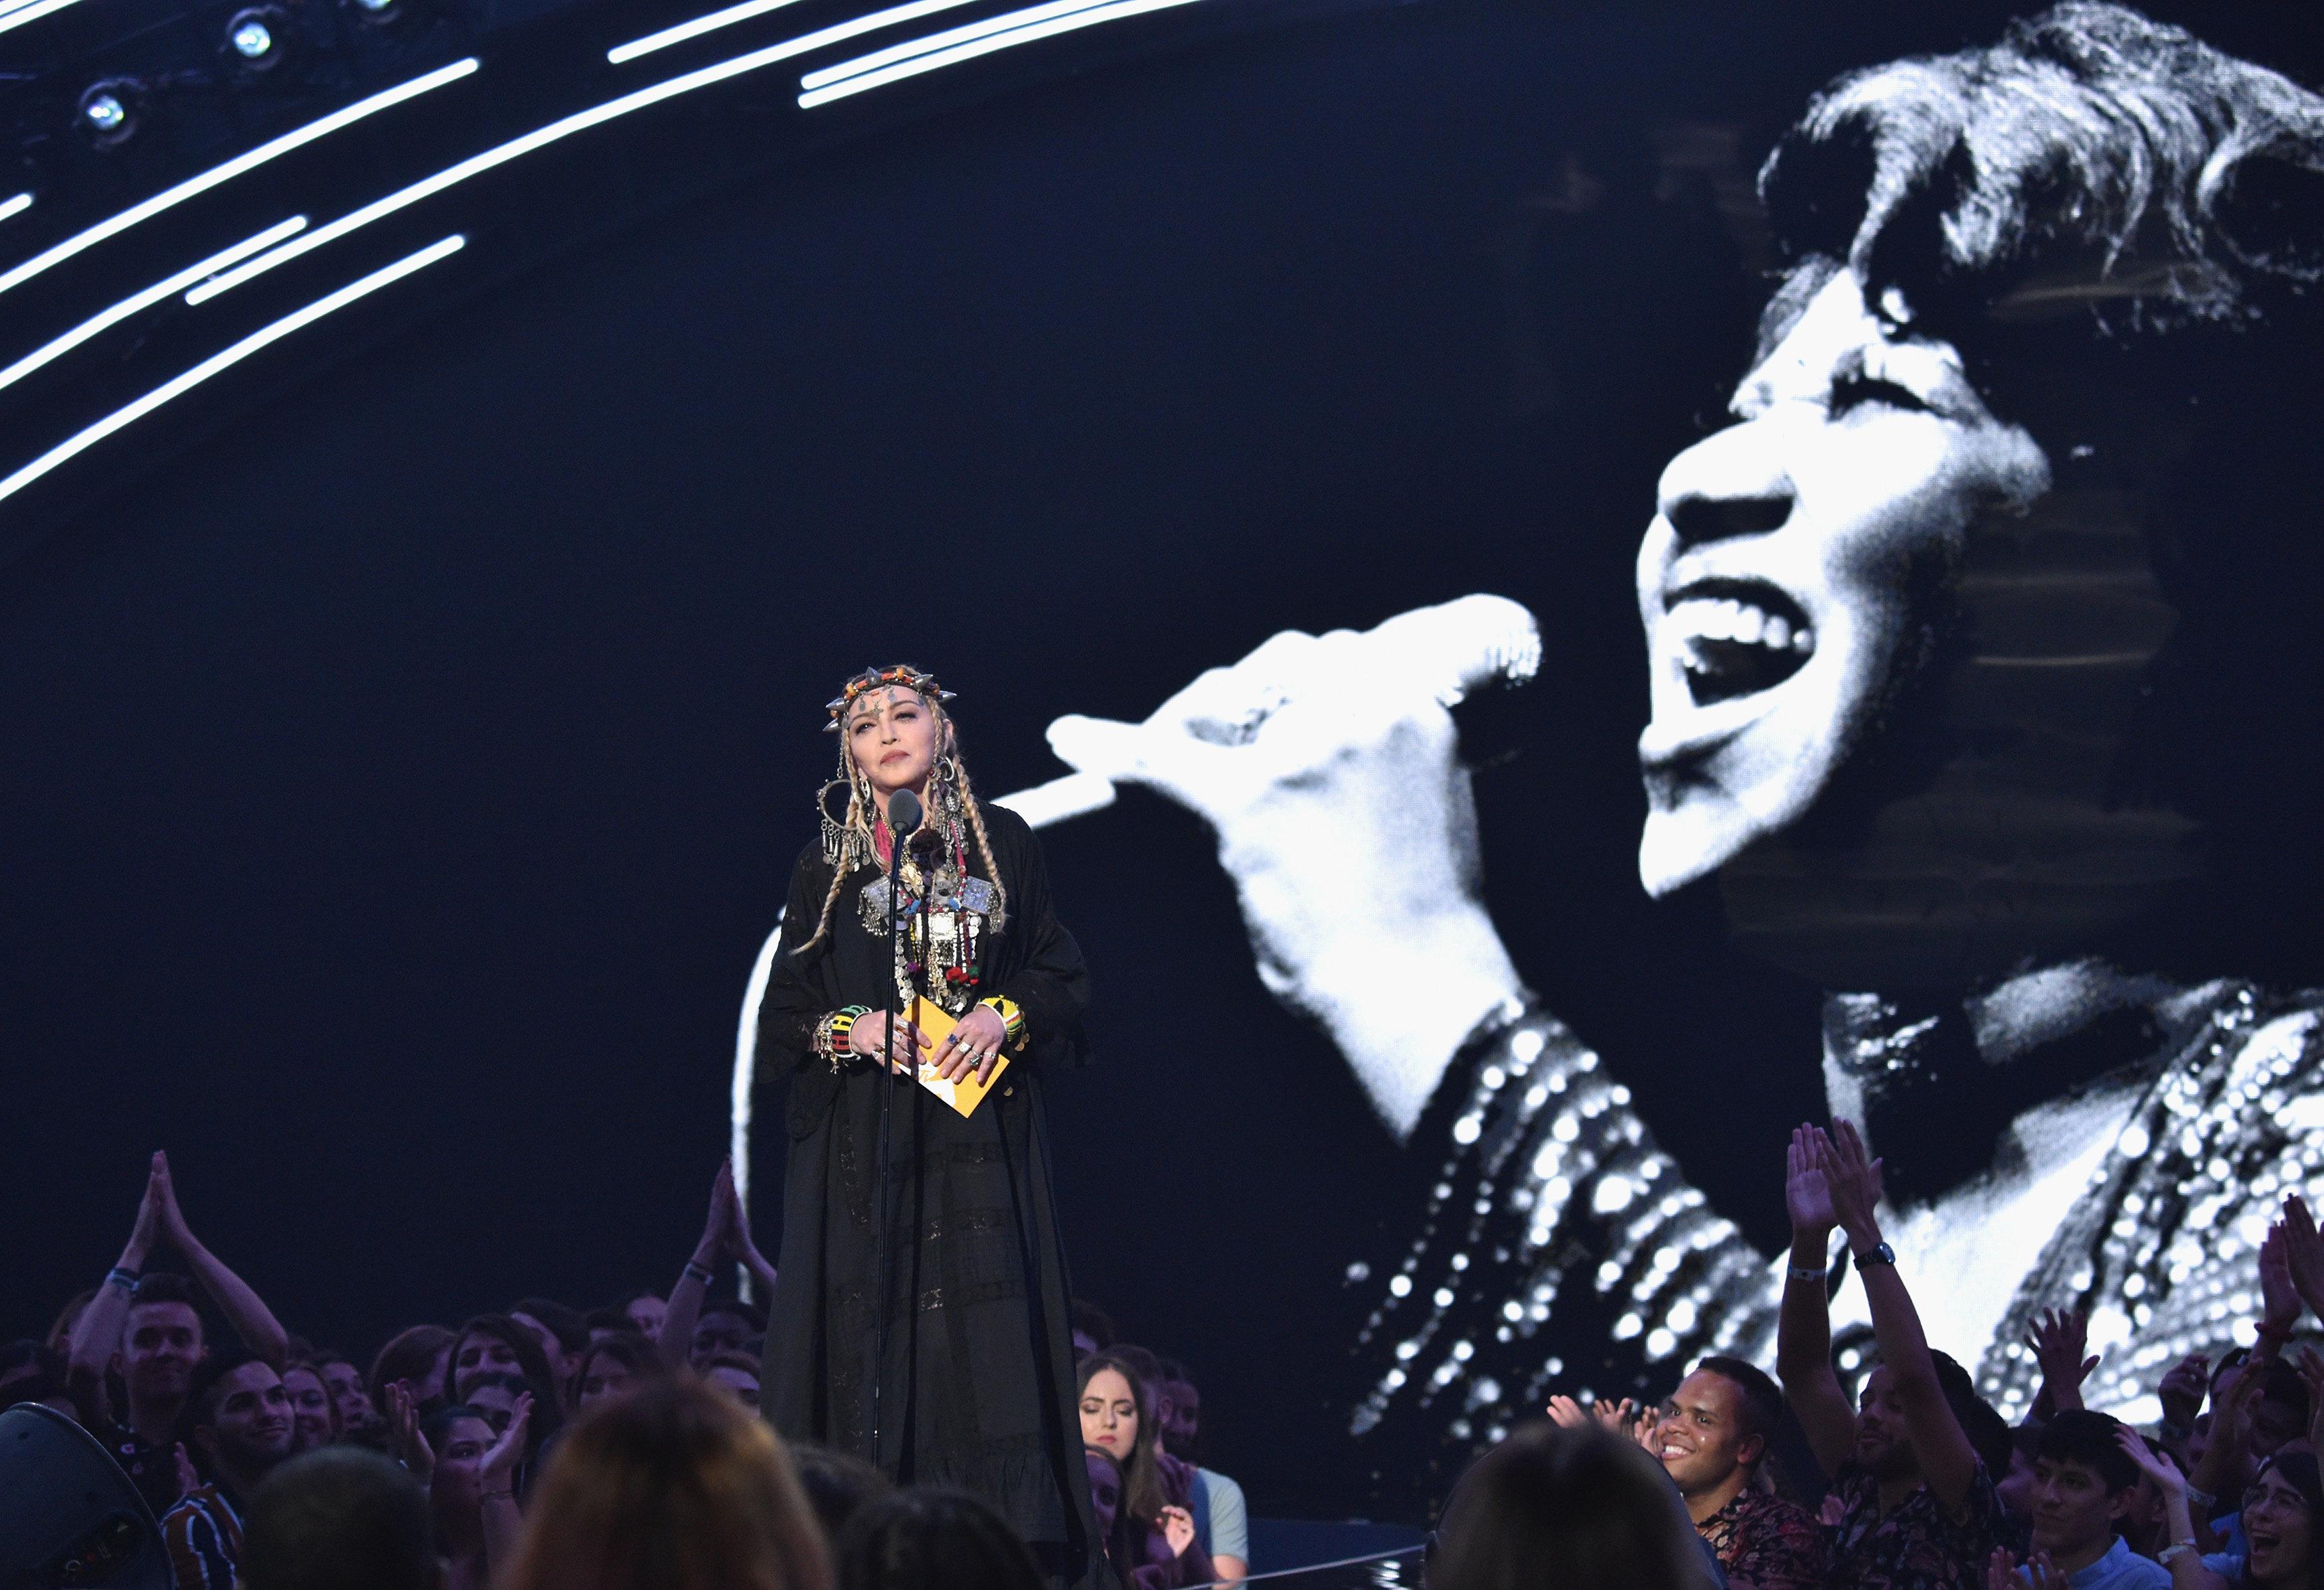 Peinlicher Auftritt bei MTV VMAs: Madonna blamiert sich minutenlang live vor